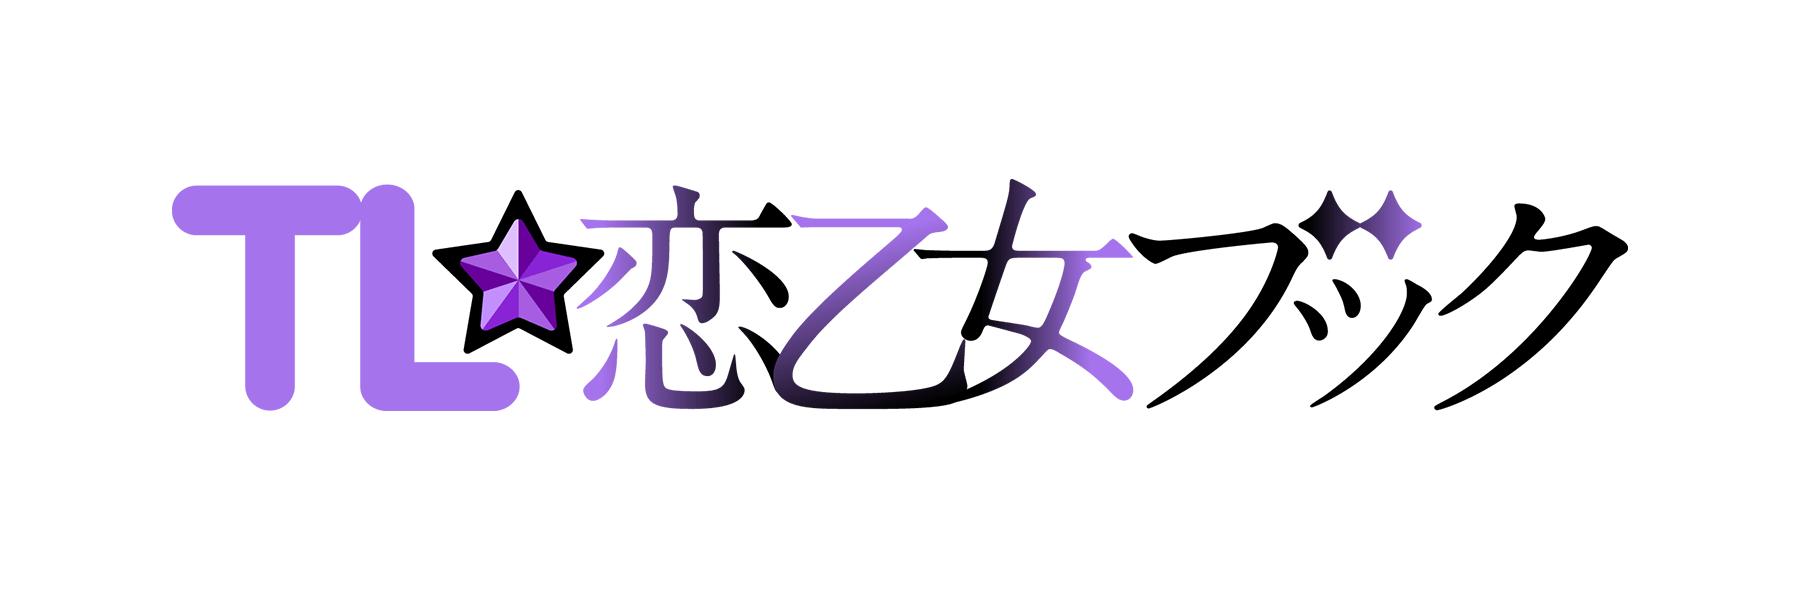 TL☆恋乙女ブック 公式サイトはこちら